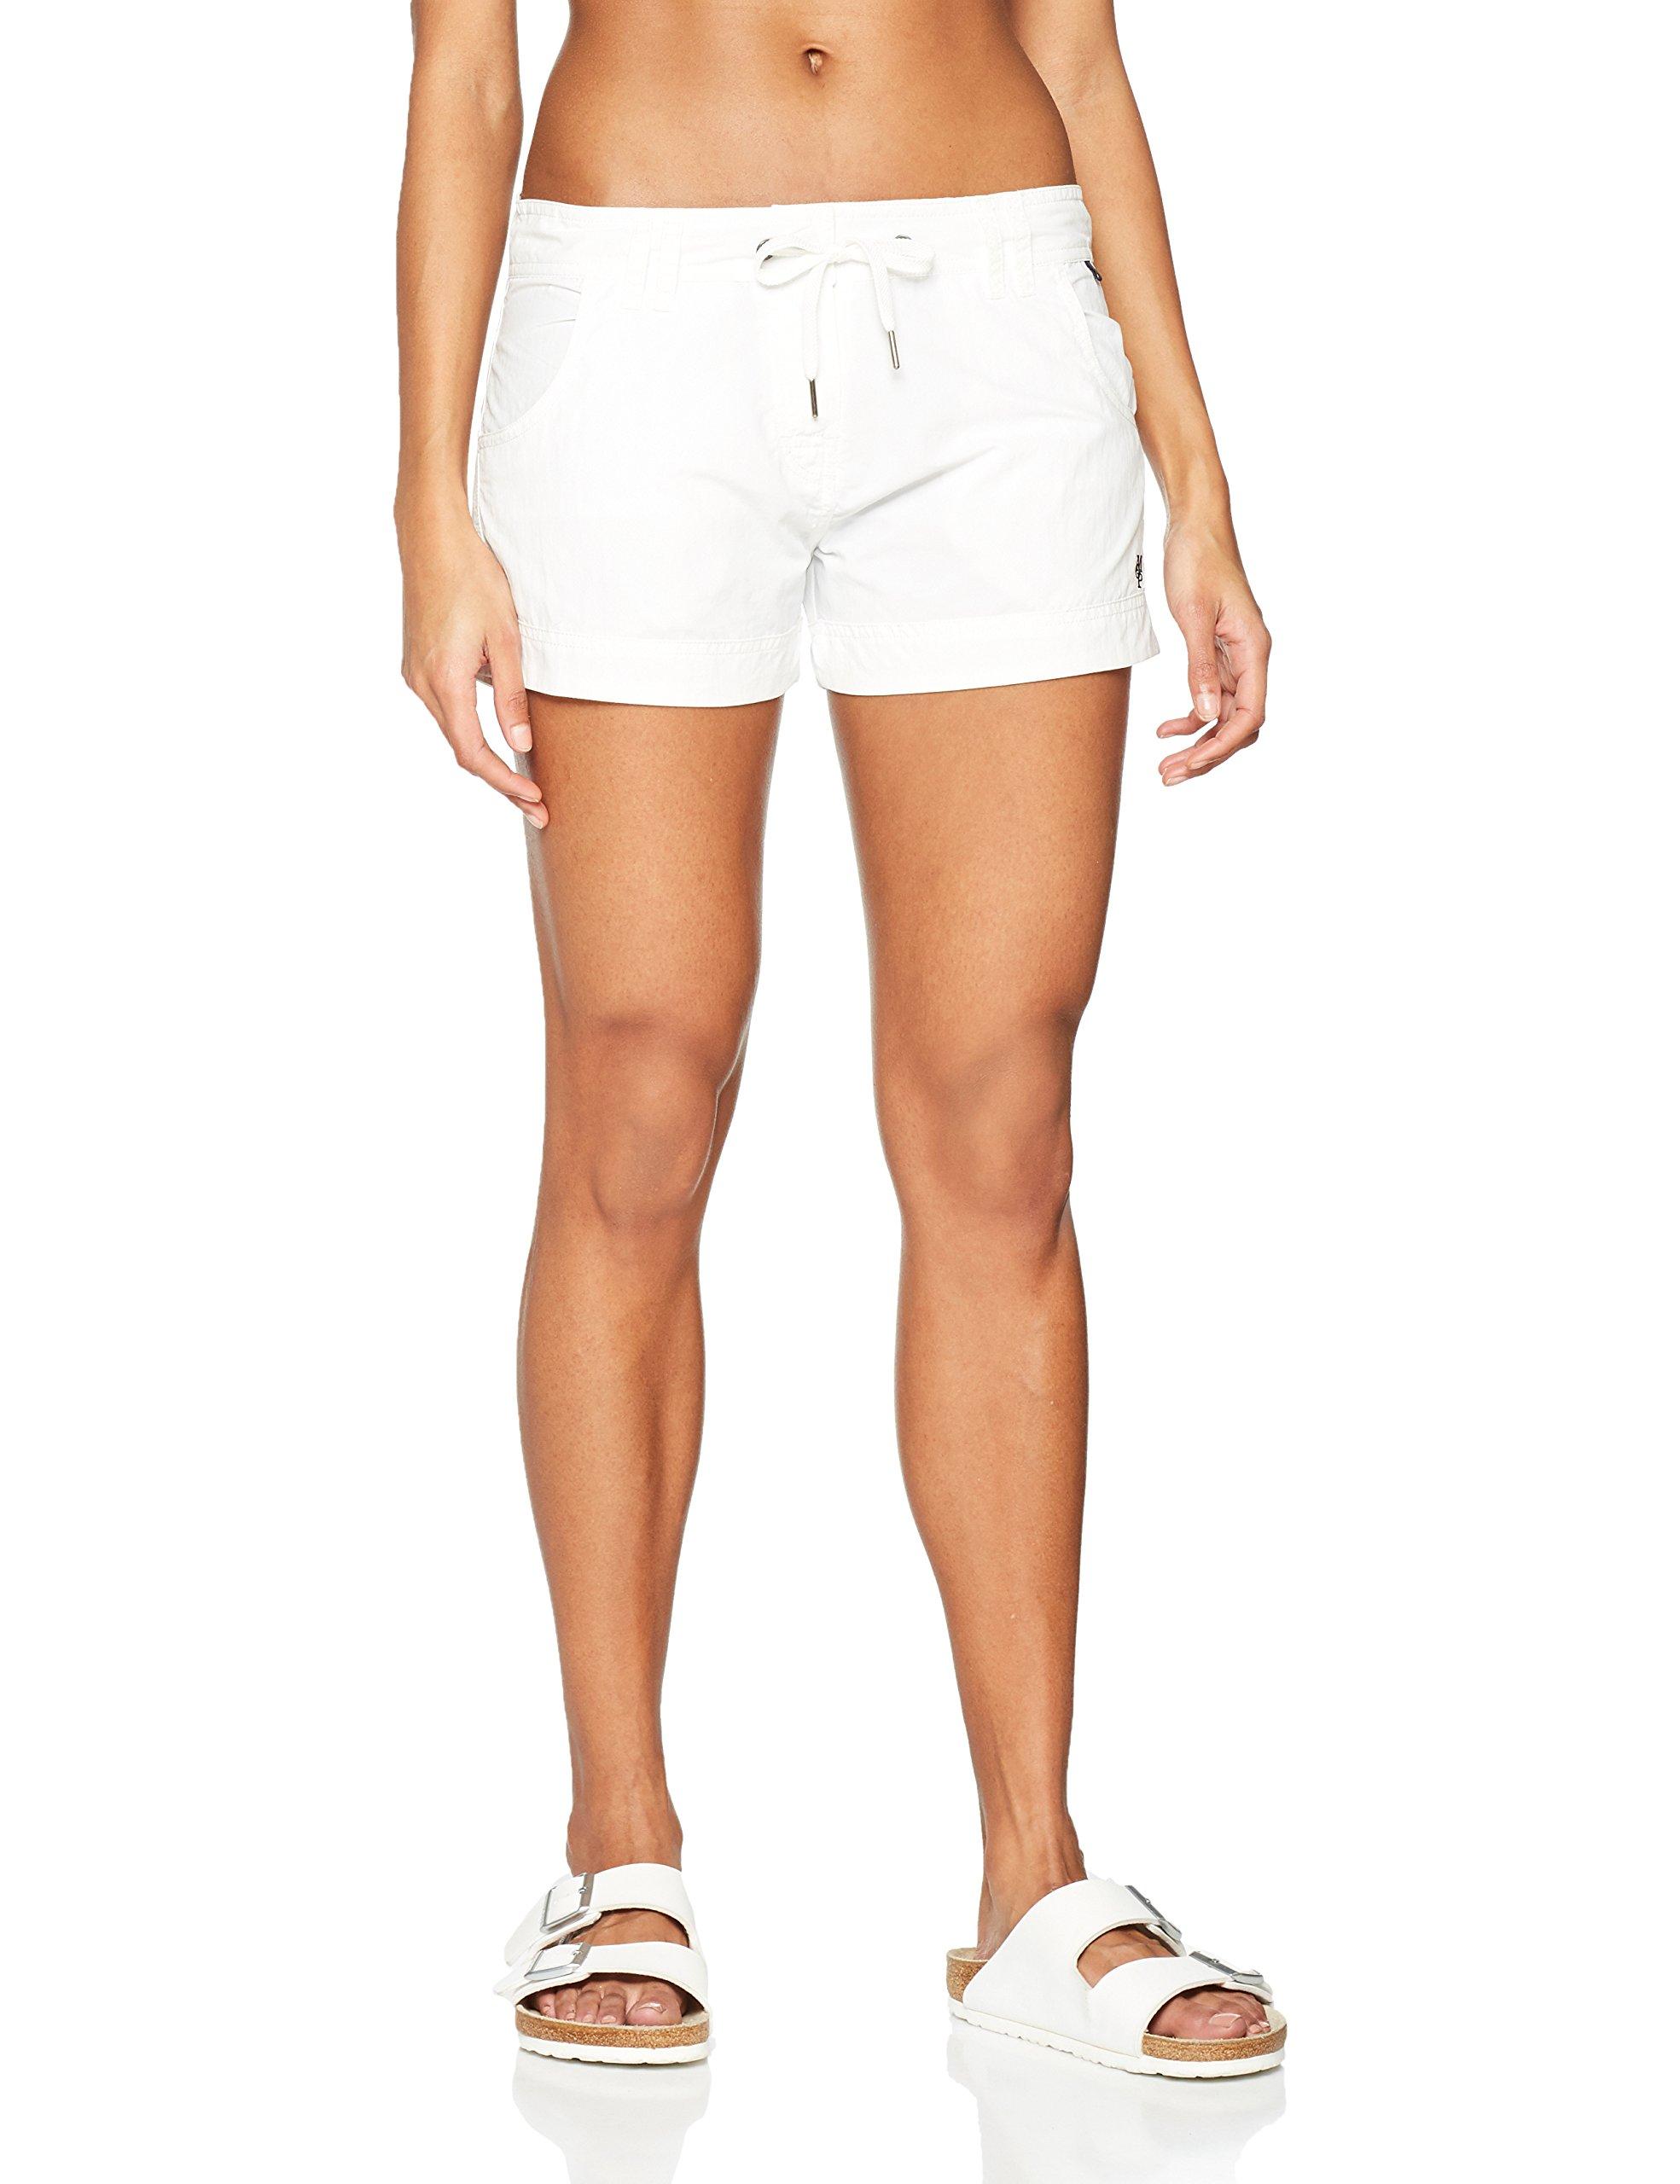 shorts Femme 10240 Tunique beach PlageWeißoff Marc Beach De Bodyamp; W white O'polo dBerxQoWC